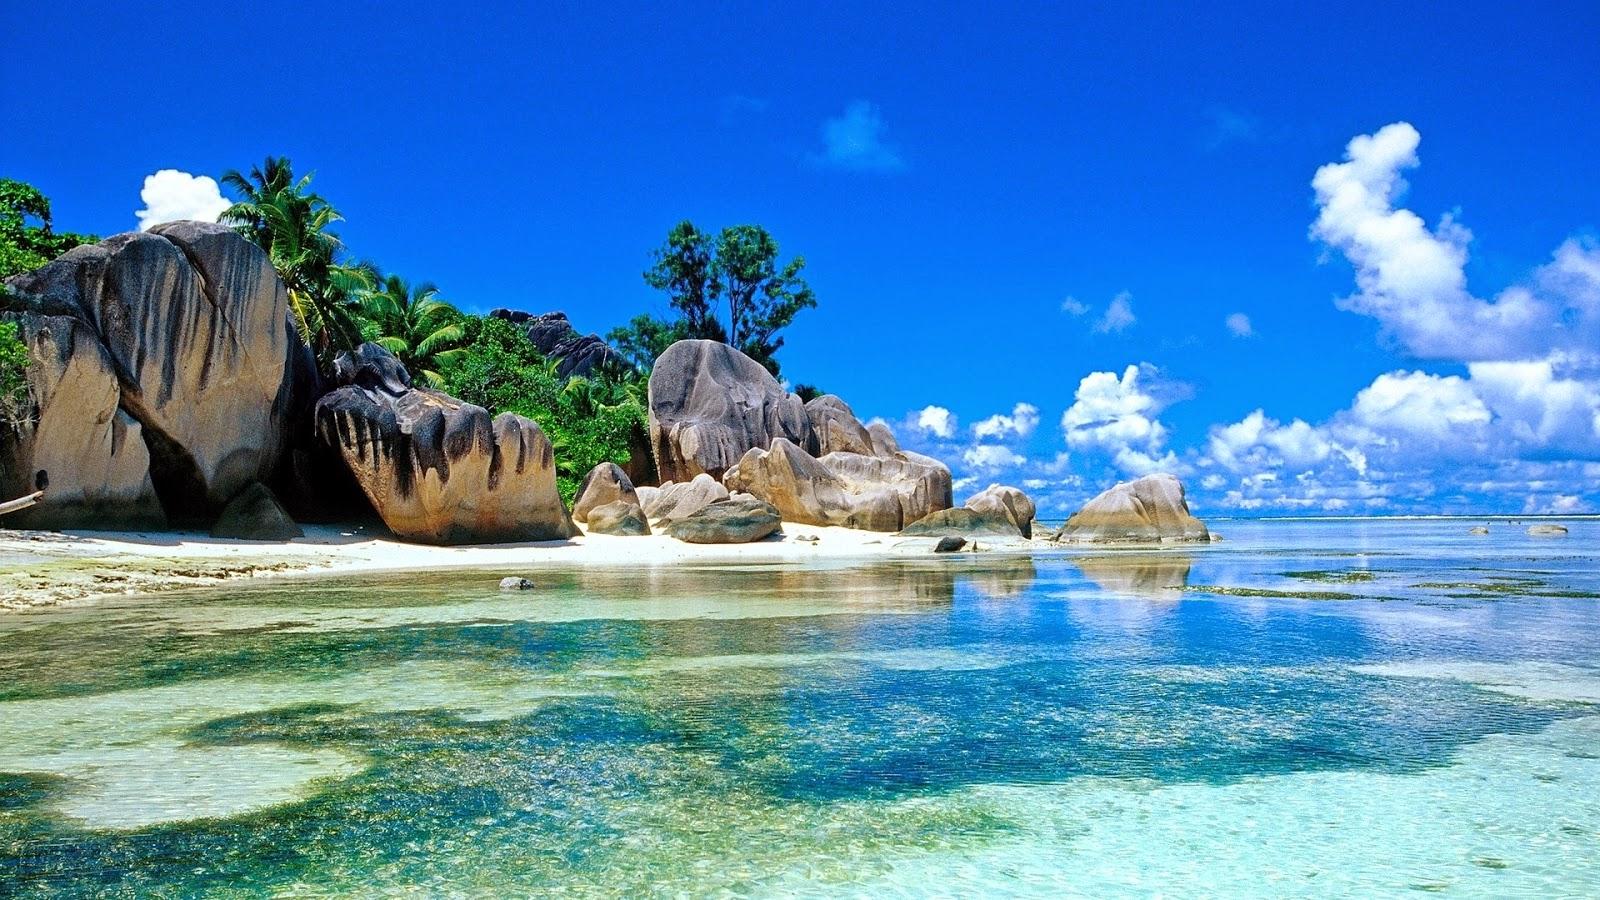 1080p hd jpg widescreen tropical beach 1080p hd wallpapers for desktop 1600x900